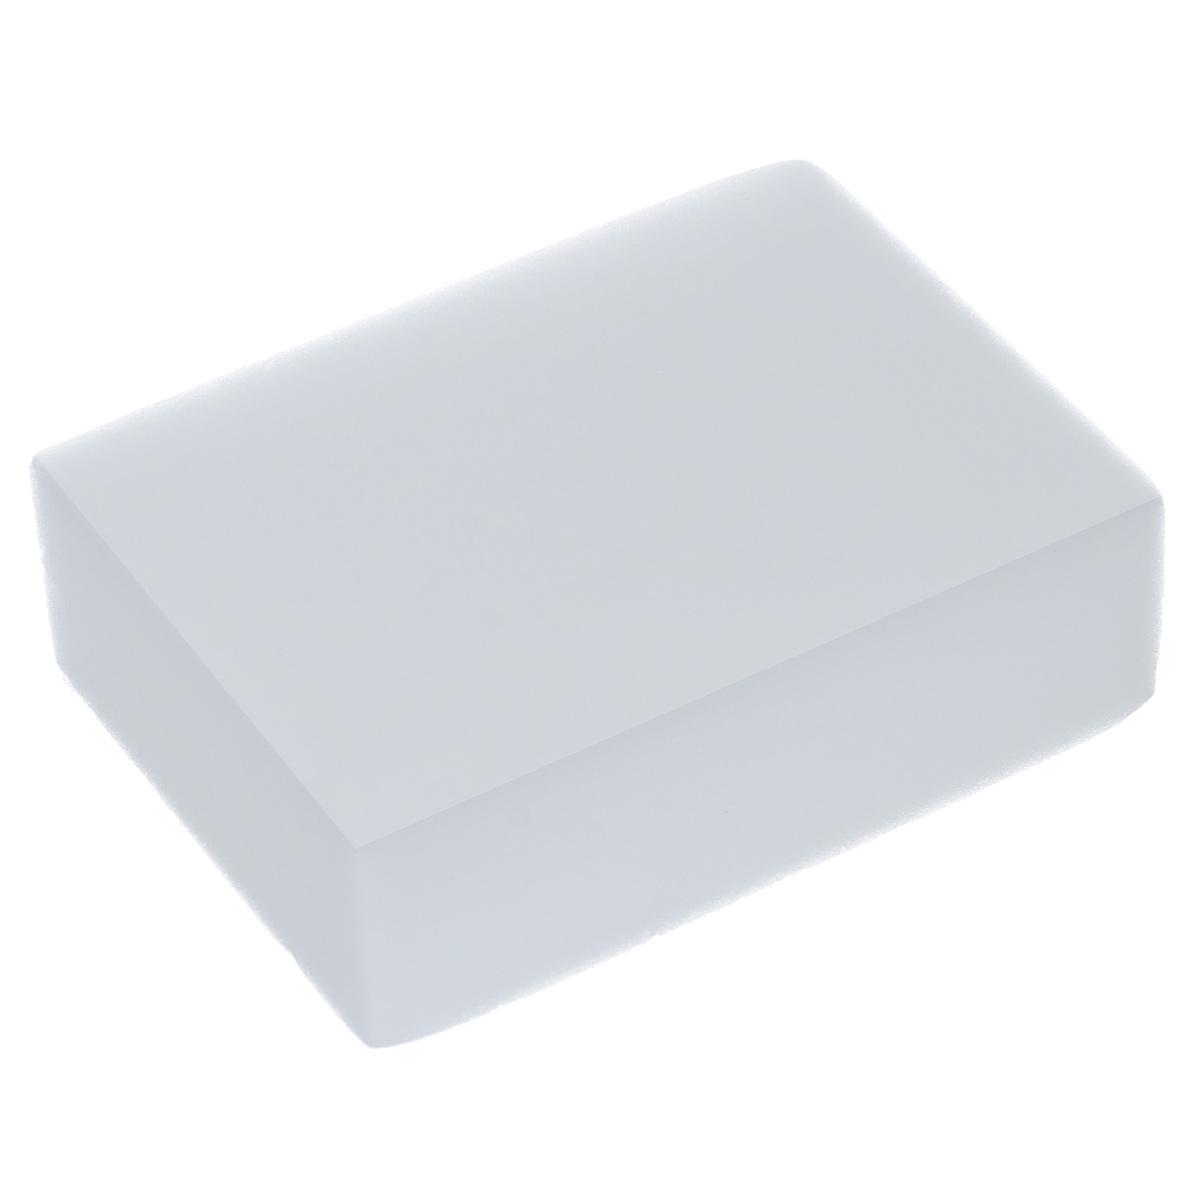 Губка для уборки La Chista, 9,5 х 7 х 3 см870352Меламиновая губка La Chista обладает высокой очищающей способностью. Эффективно устраняет жир, известковый налет, накипь, застарелую грязь, пригоревшие остатки пищи, следы от краски и прочие сложные загрязнения. Губка не оставляет следов, разводов и царапин.